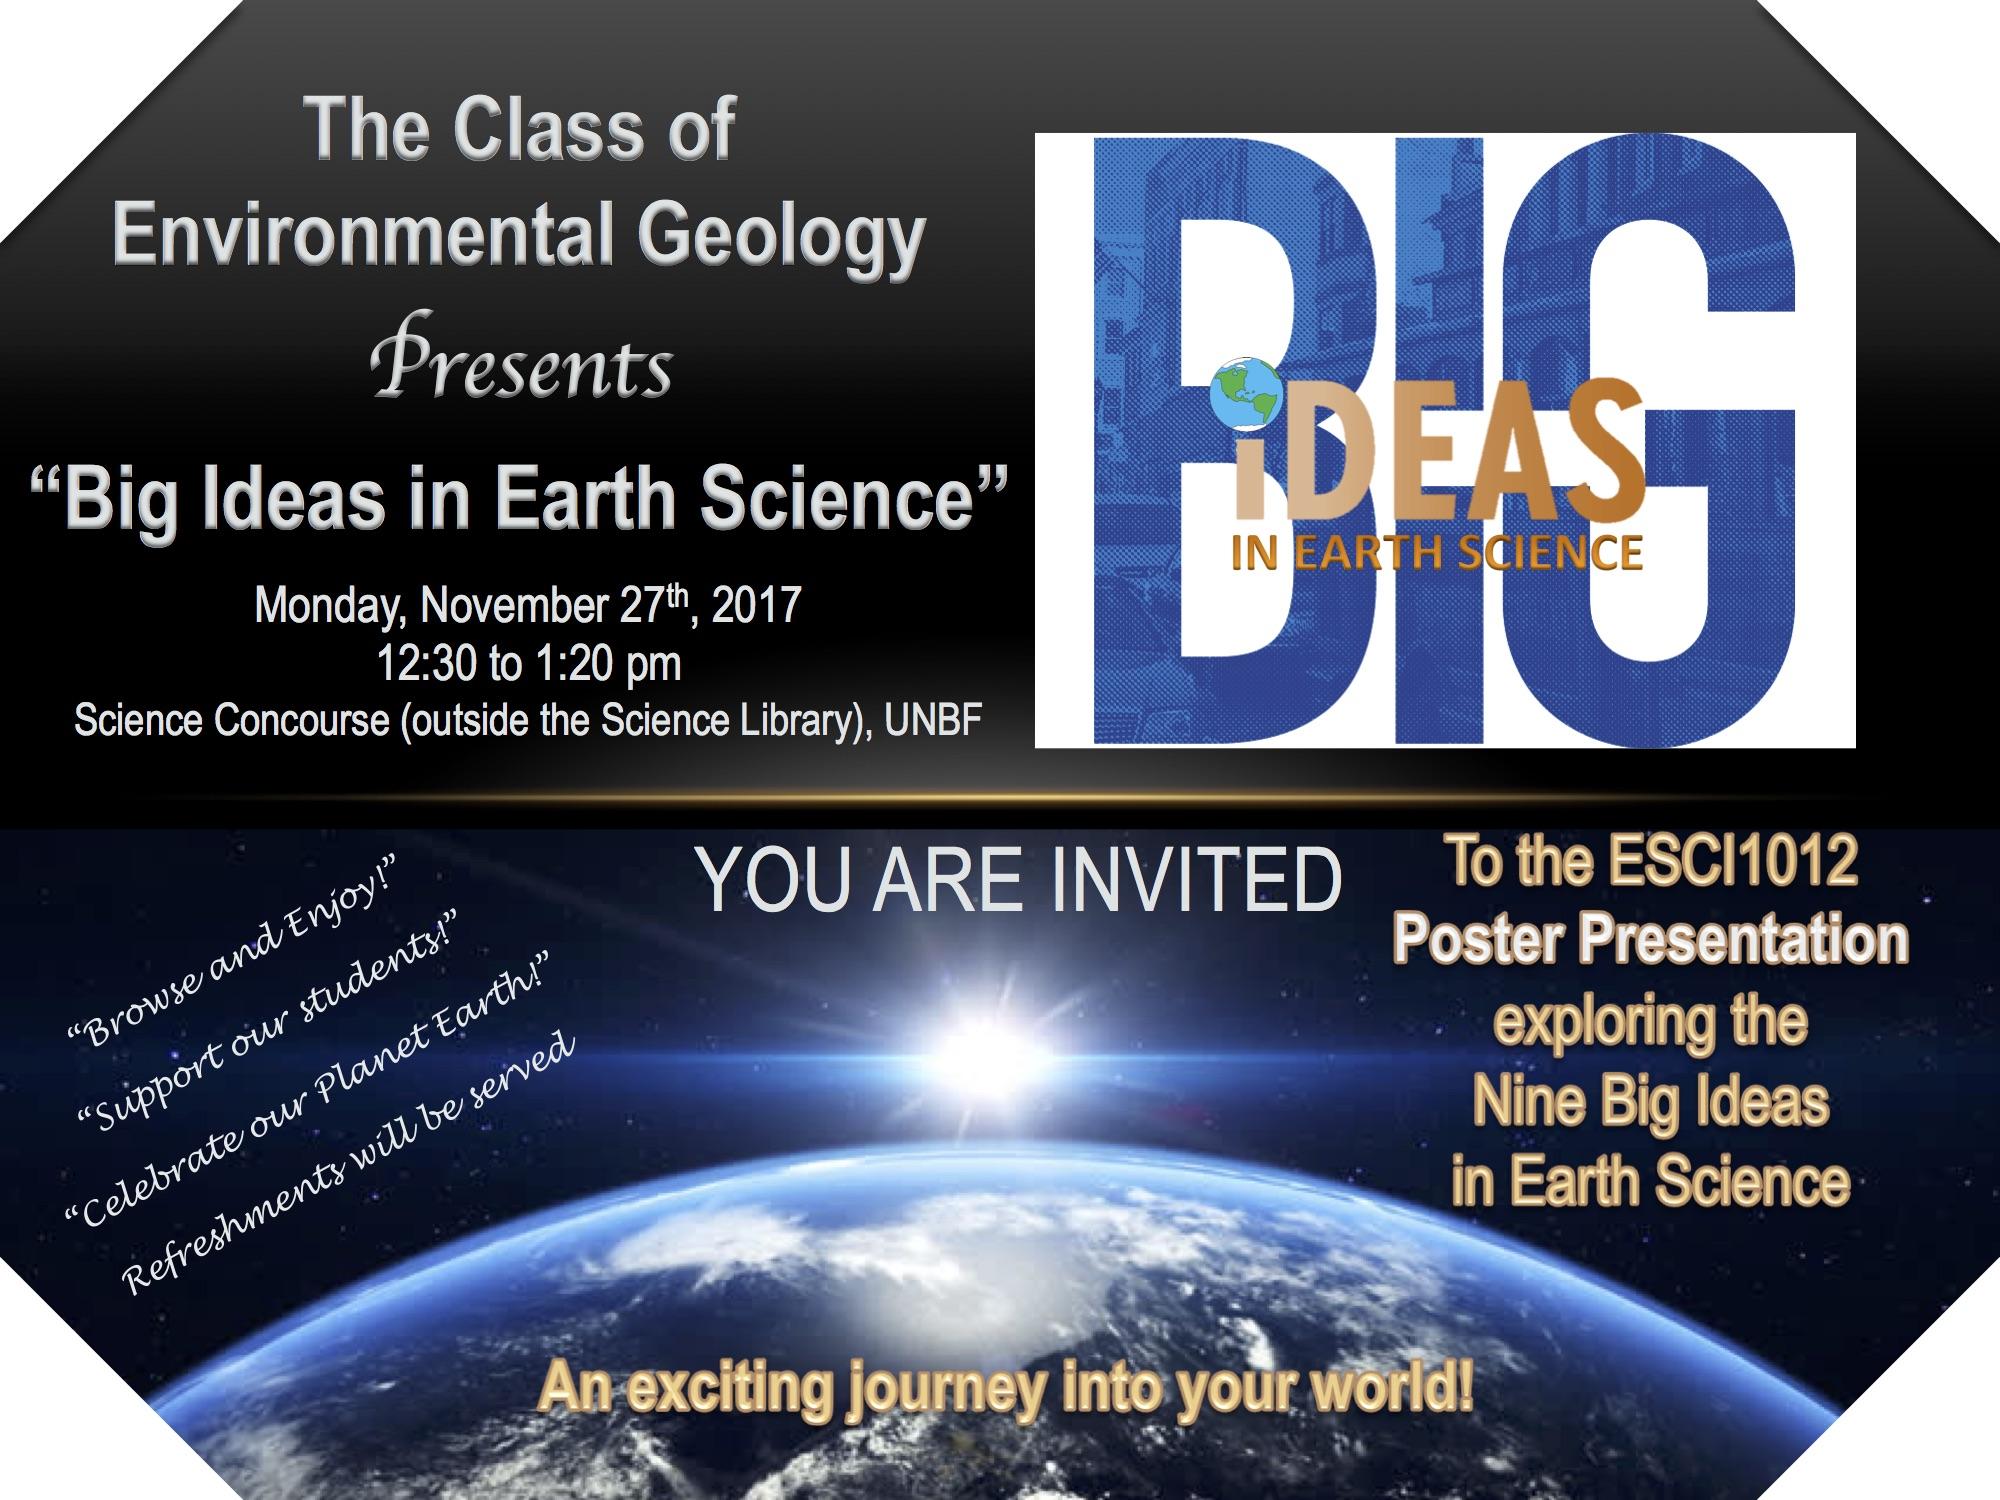 Invitiation to ESCI1012 poster presentation 2017 2.jpg